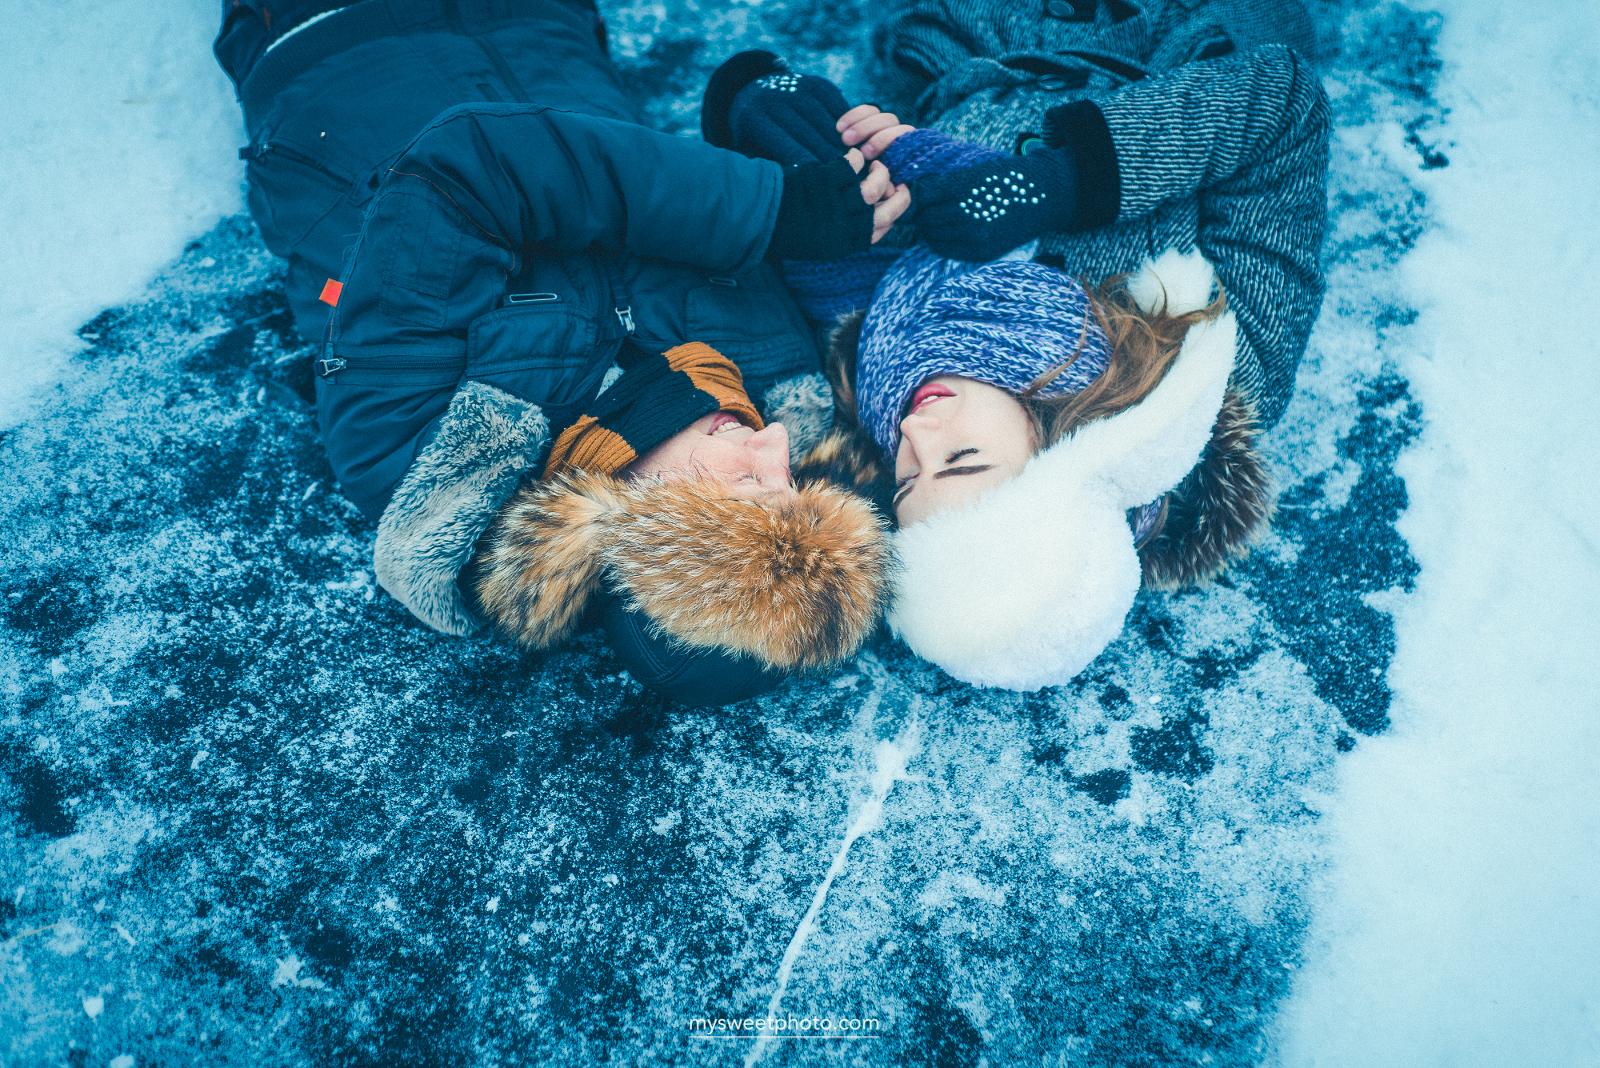   love story kiev   фотосессия лав стори киев   фотосессия love story зимой киев   фотосессия лав стори зимой идеи   зимняя фотосессия лав стори   фотосессия в стиле love story зимой киев  